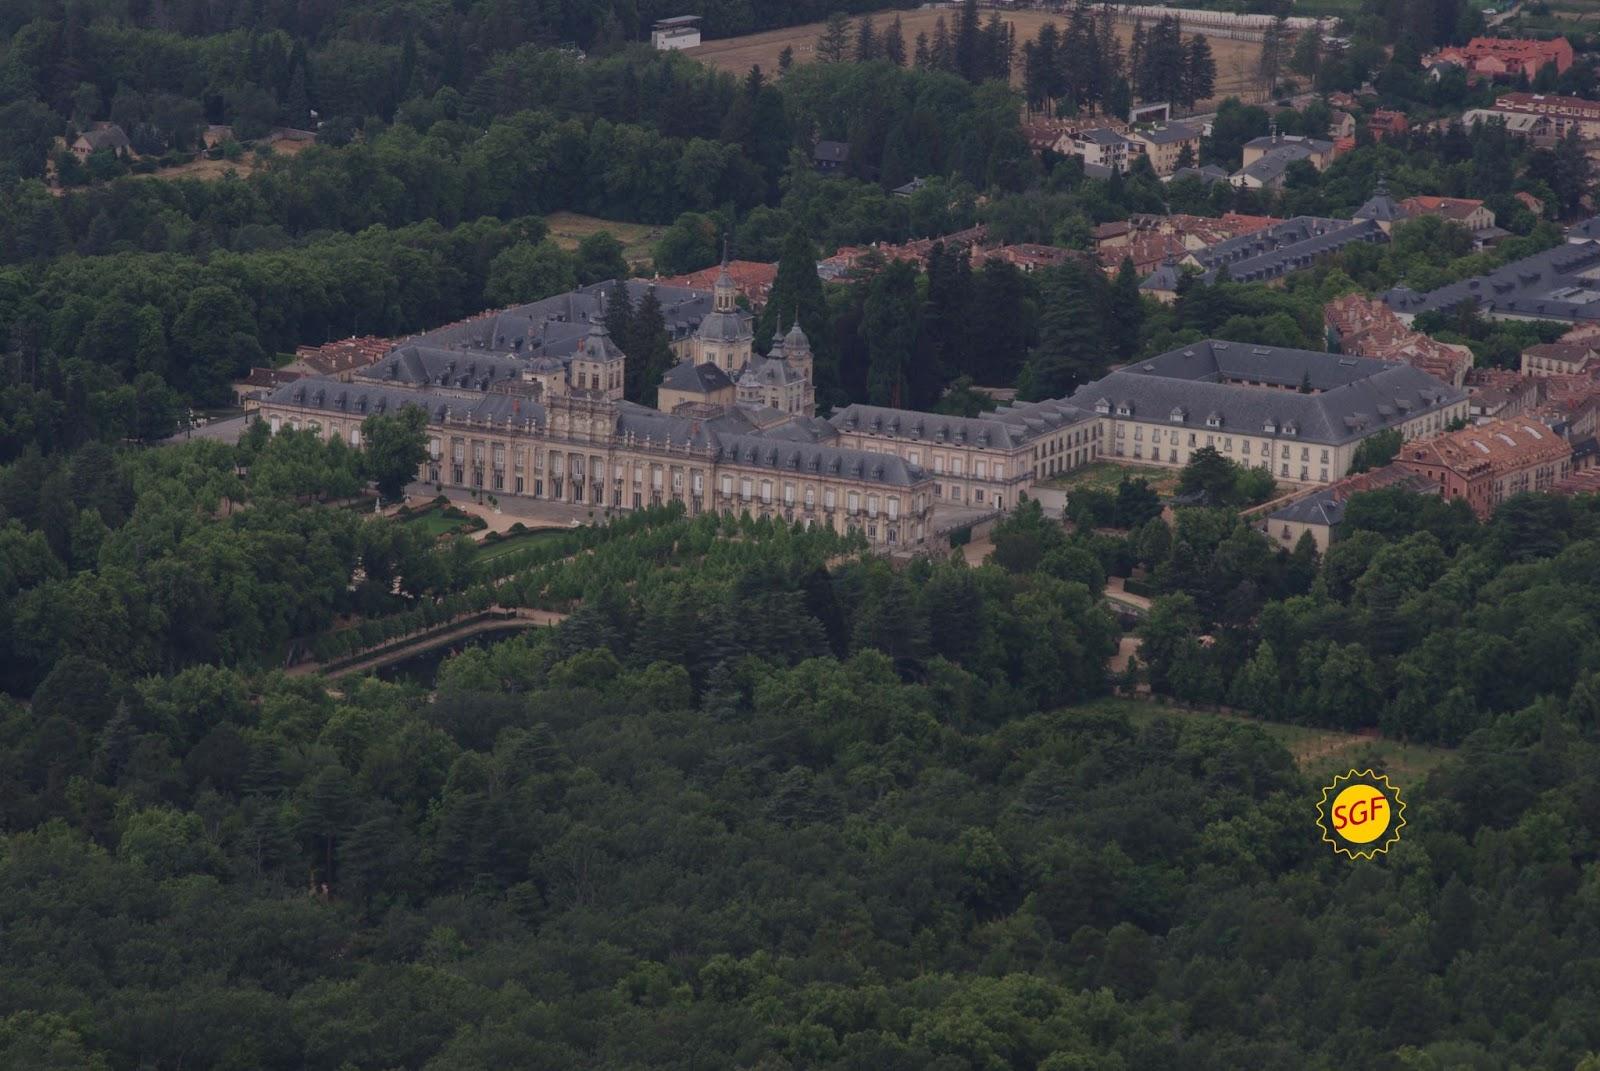 La Granja de San Ildefonso de Segovia